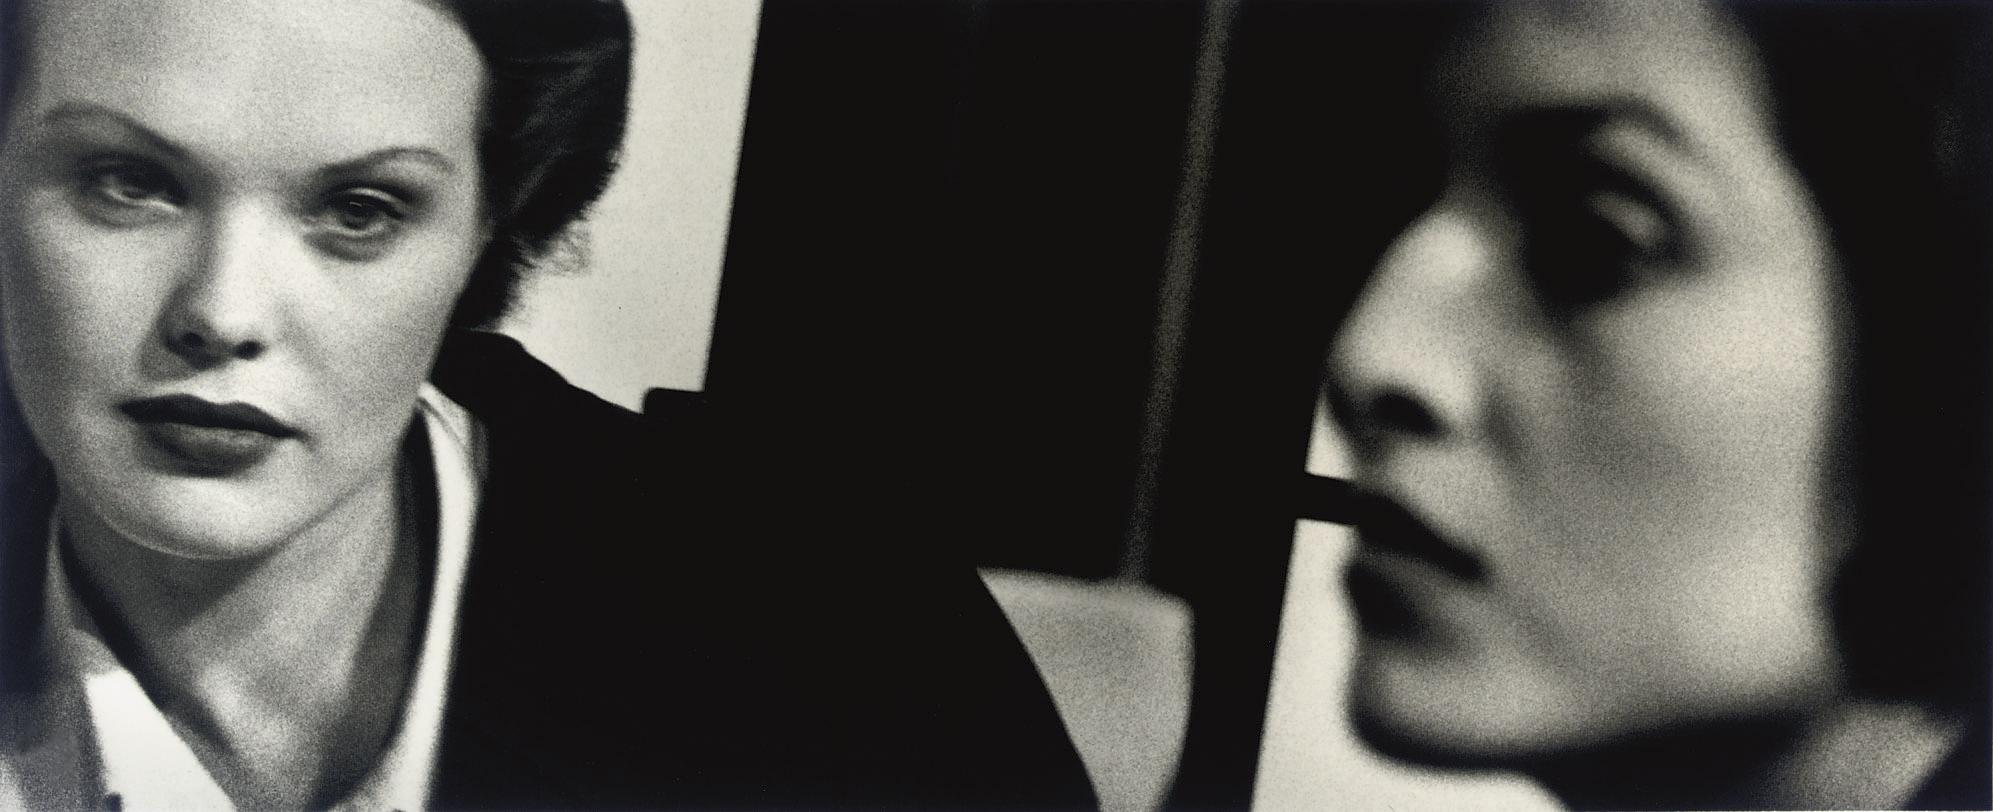 Sam Samore (b. 1963)